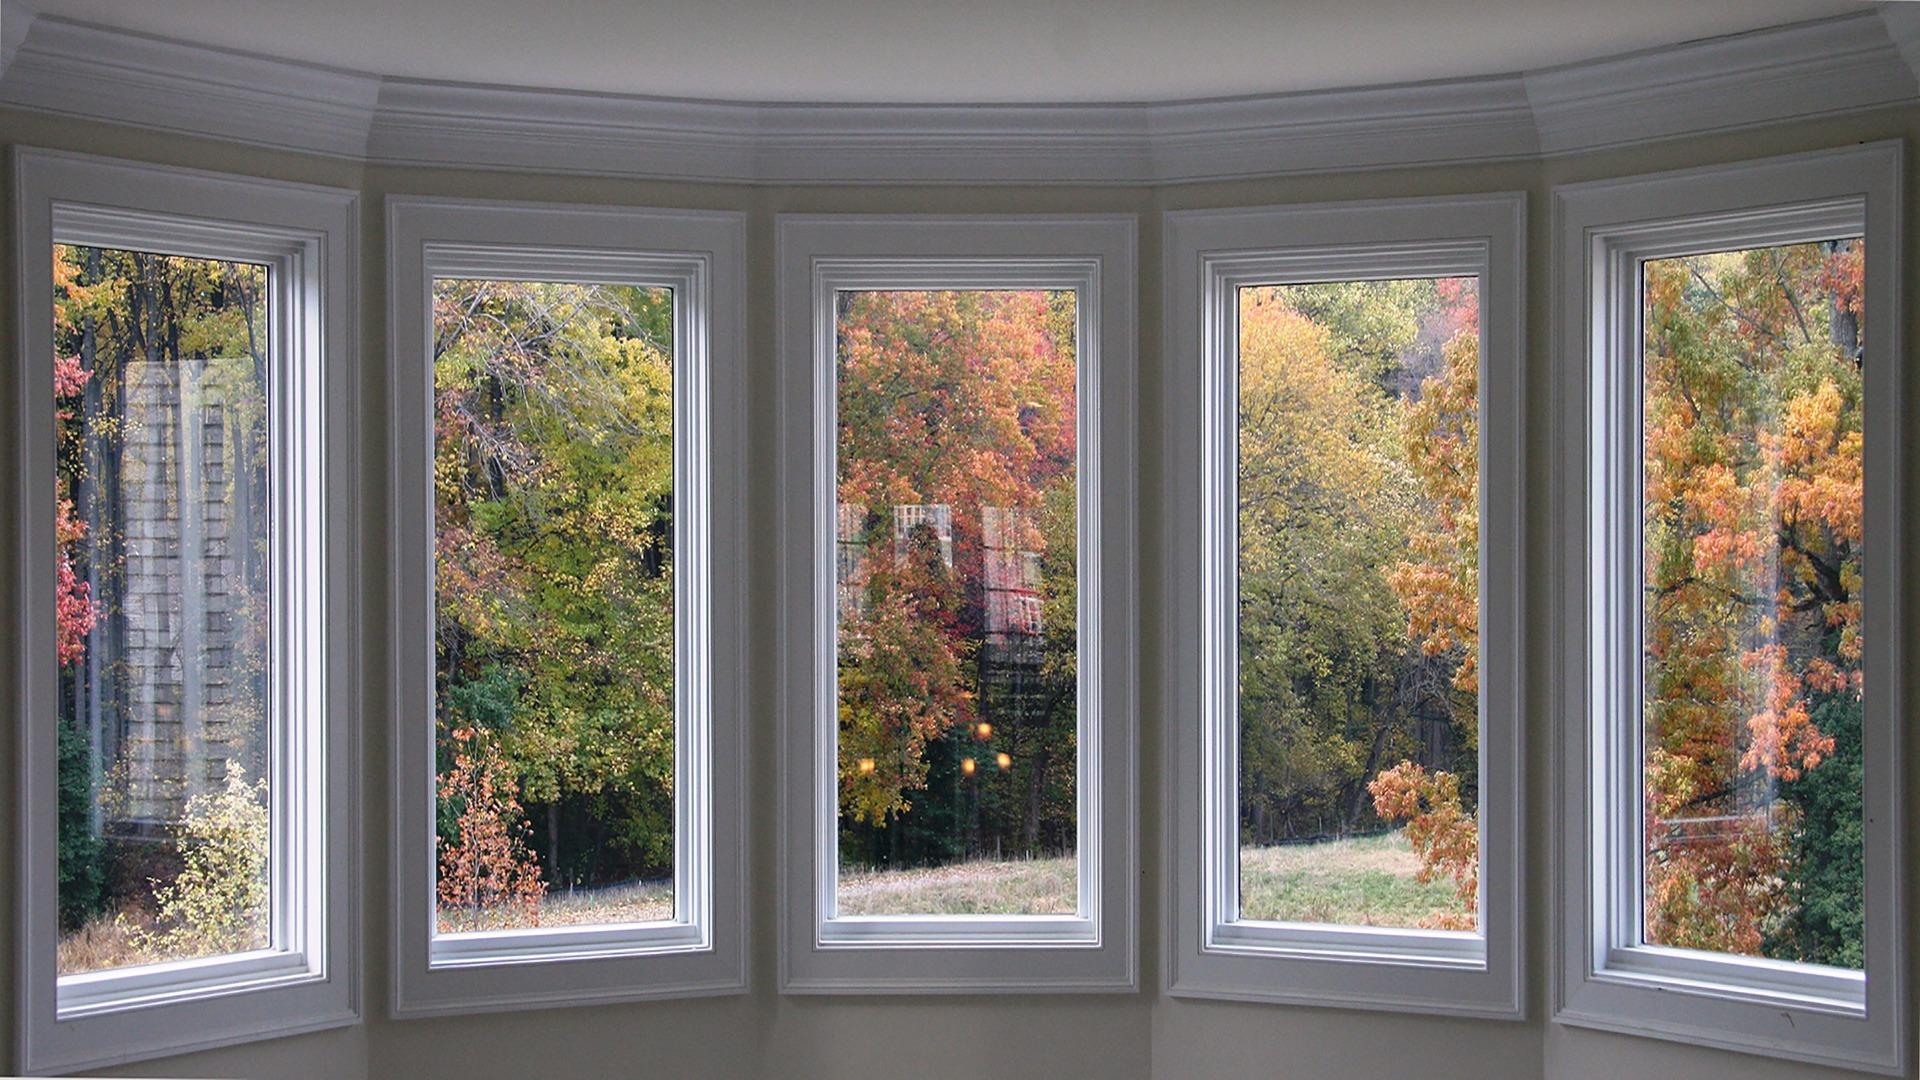 Grovemont Wentworth - Window Detail